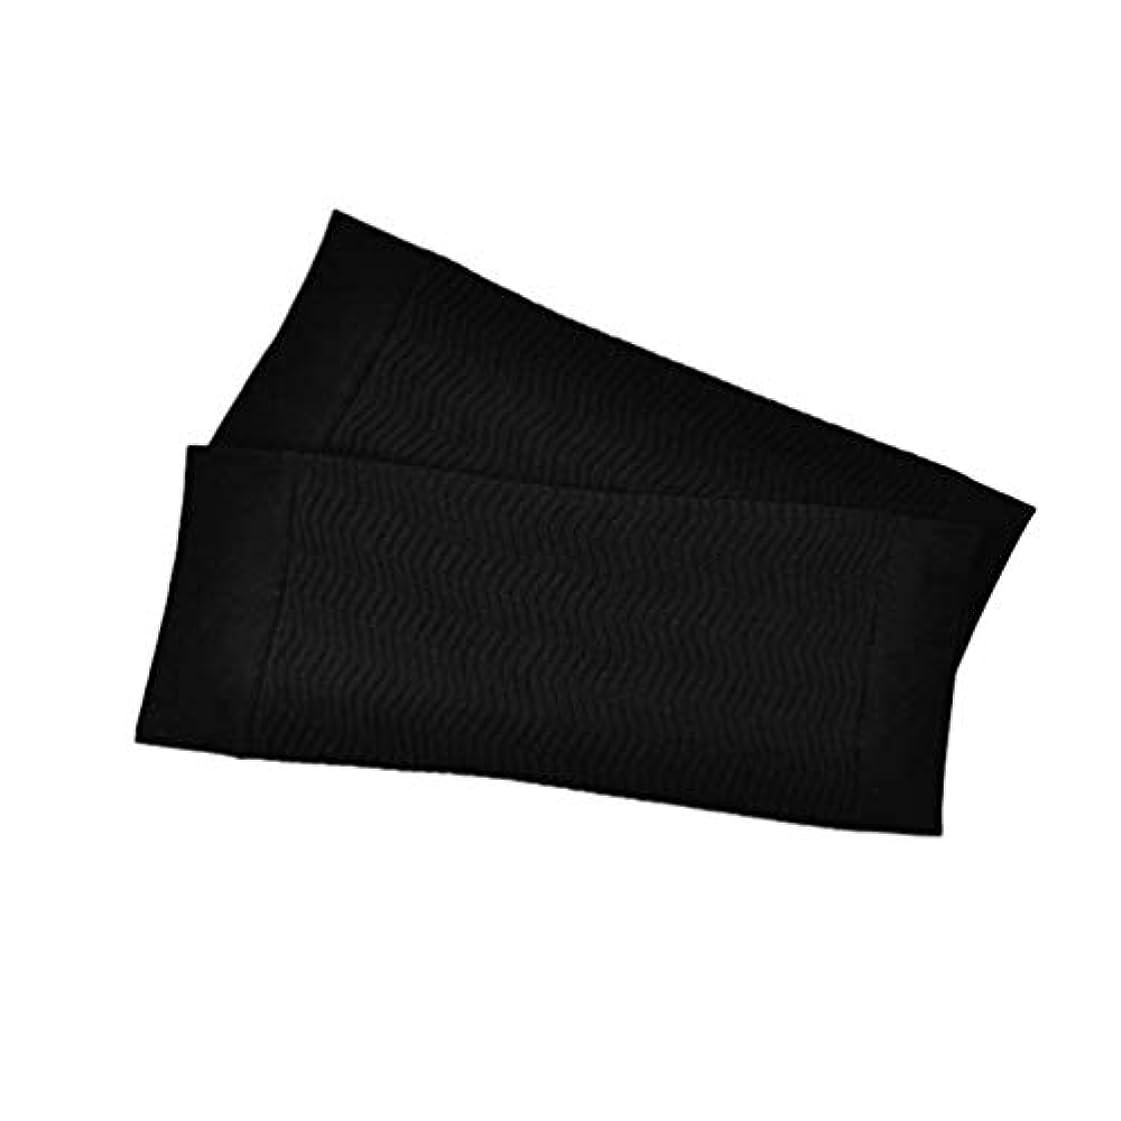 理想的主観的説教1ペア680 D圧縮アームシェイパーワークアウトトーニングバーンセルライトスリミングアームスリーブ脂肪燃焼半袖用女性 - ブラック